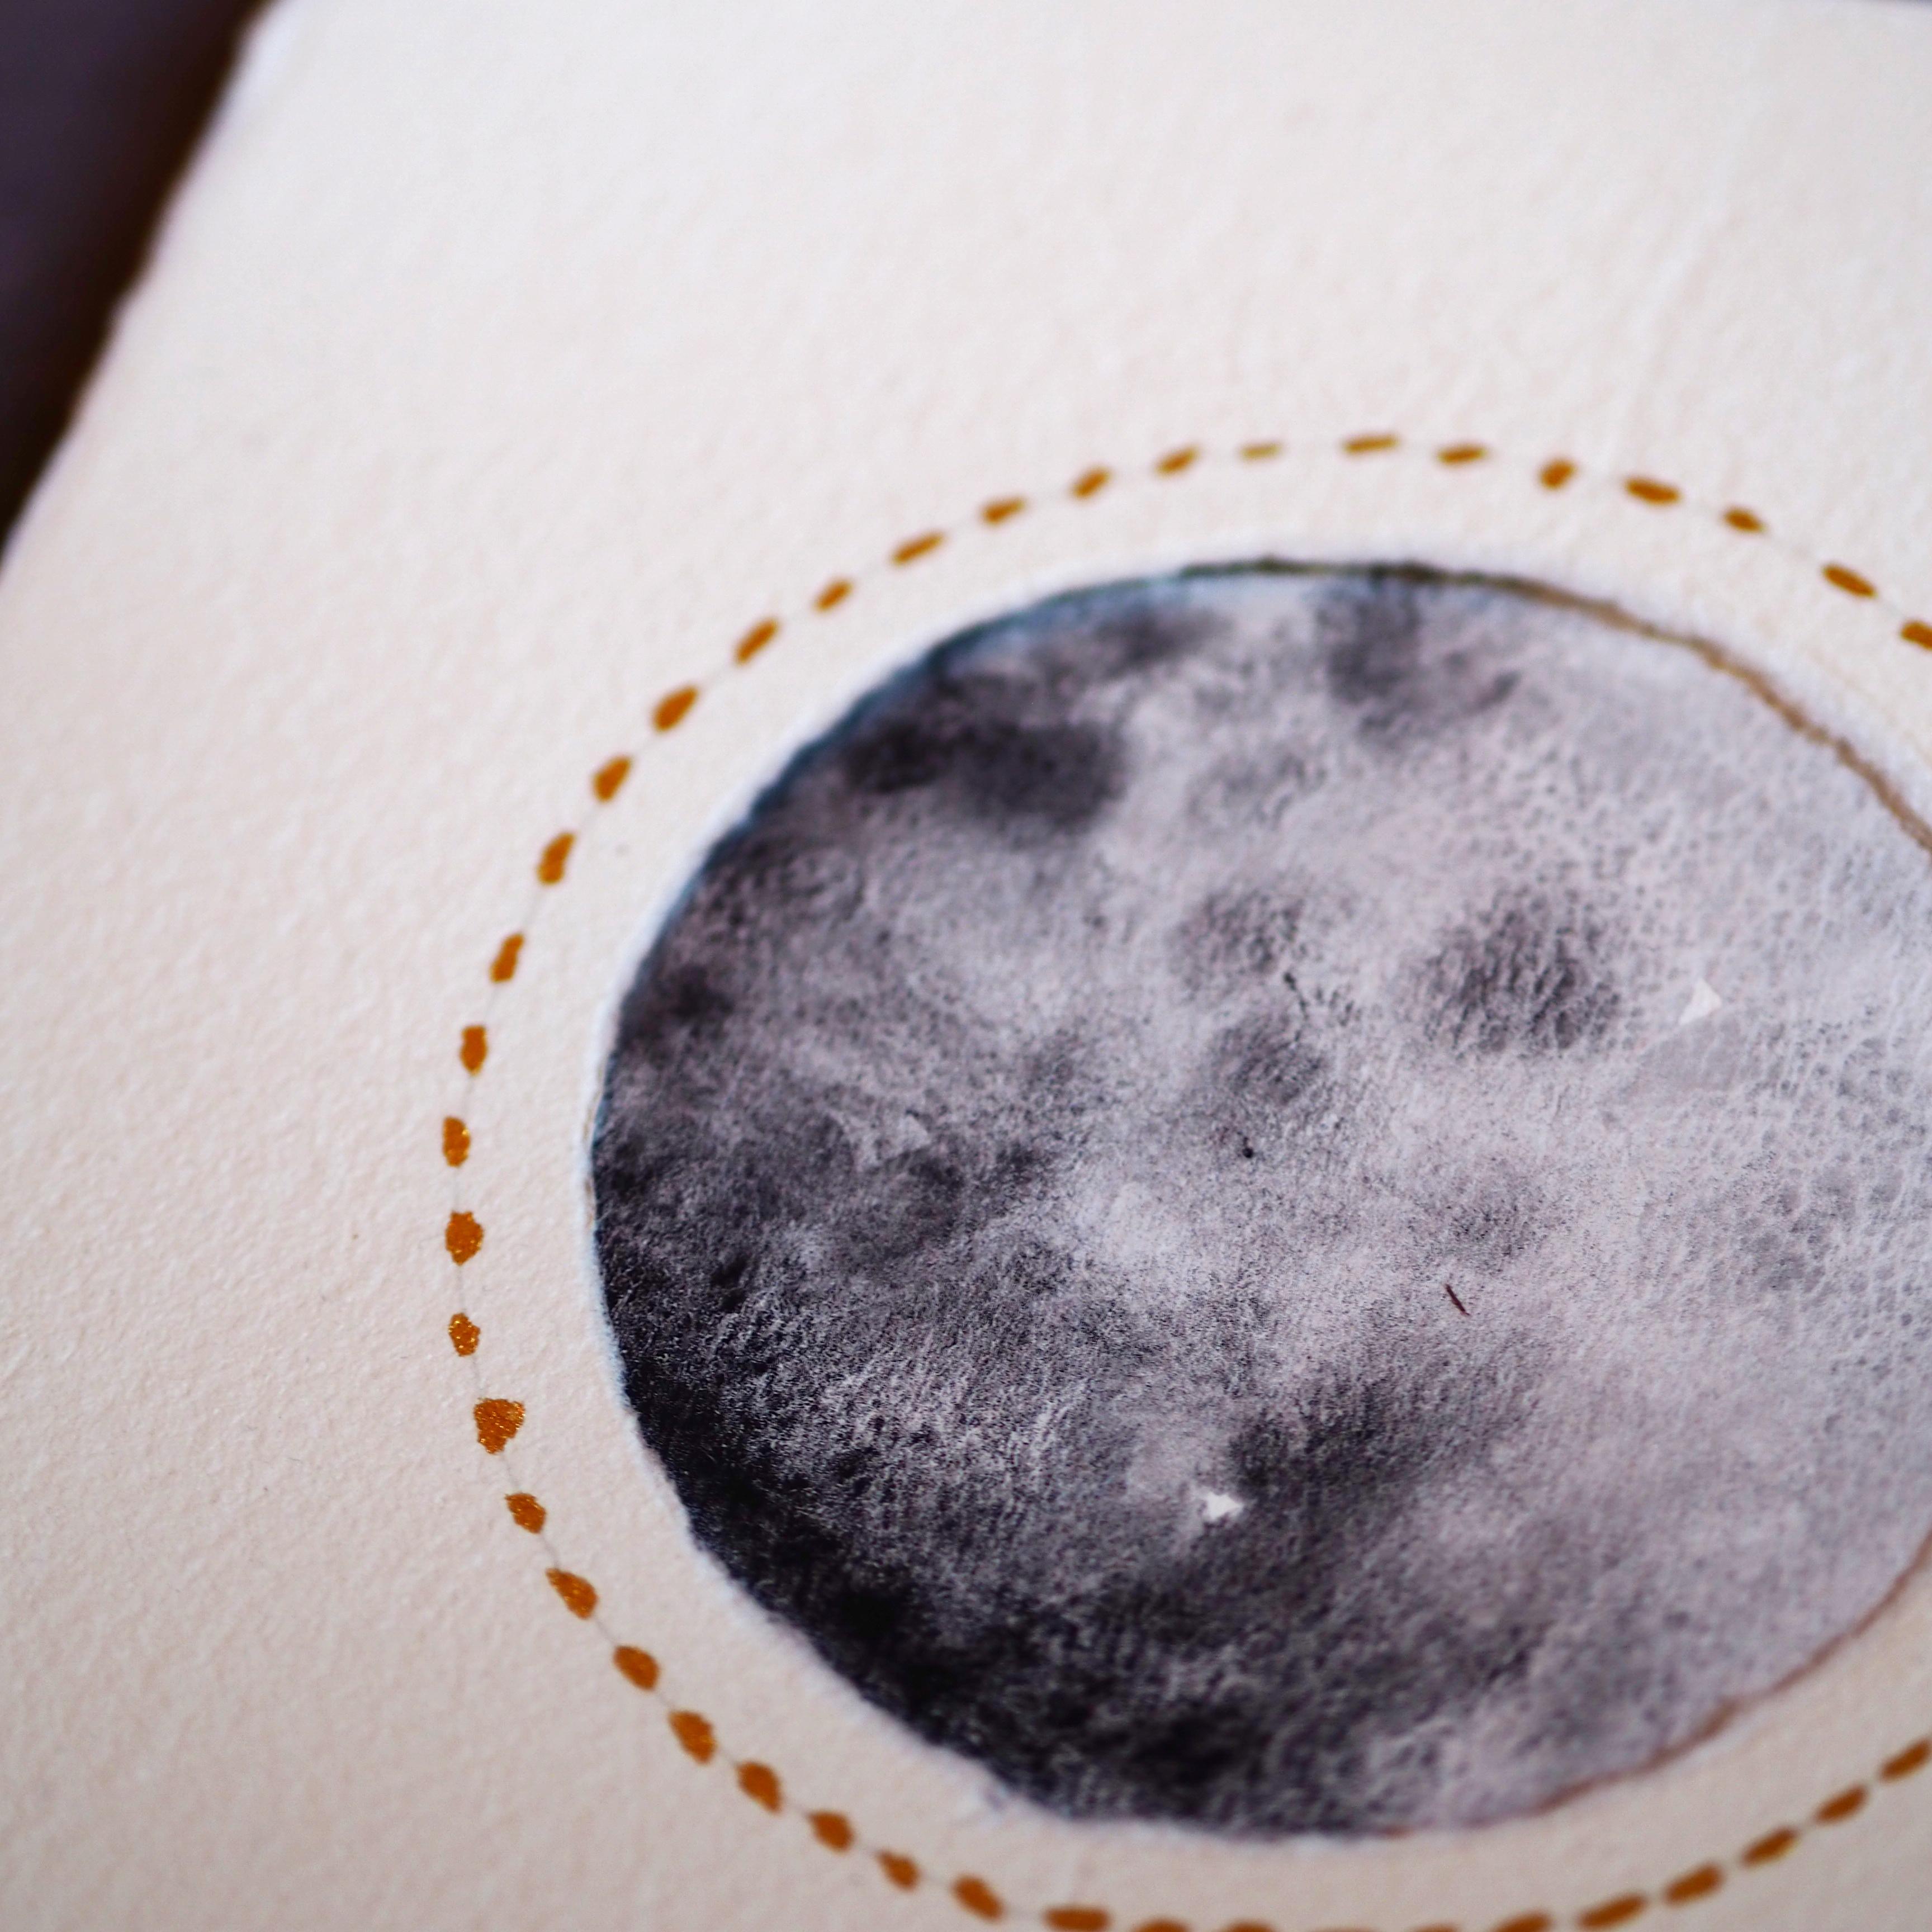 detalle luna pequeña de acuarela